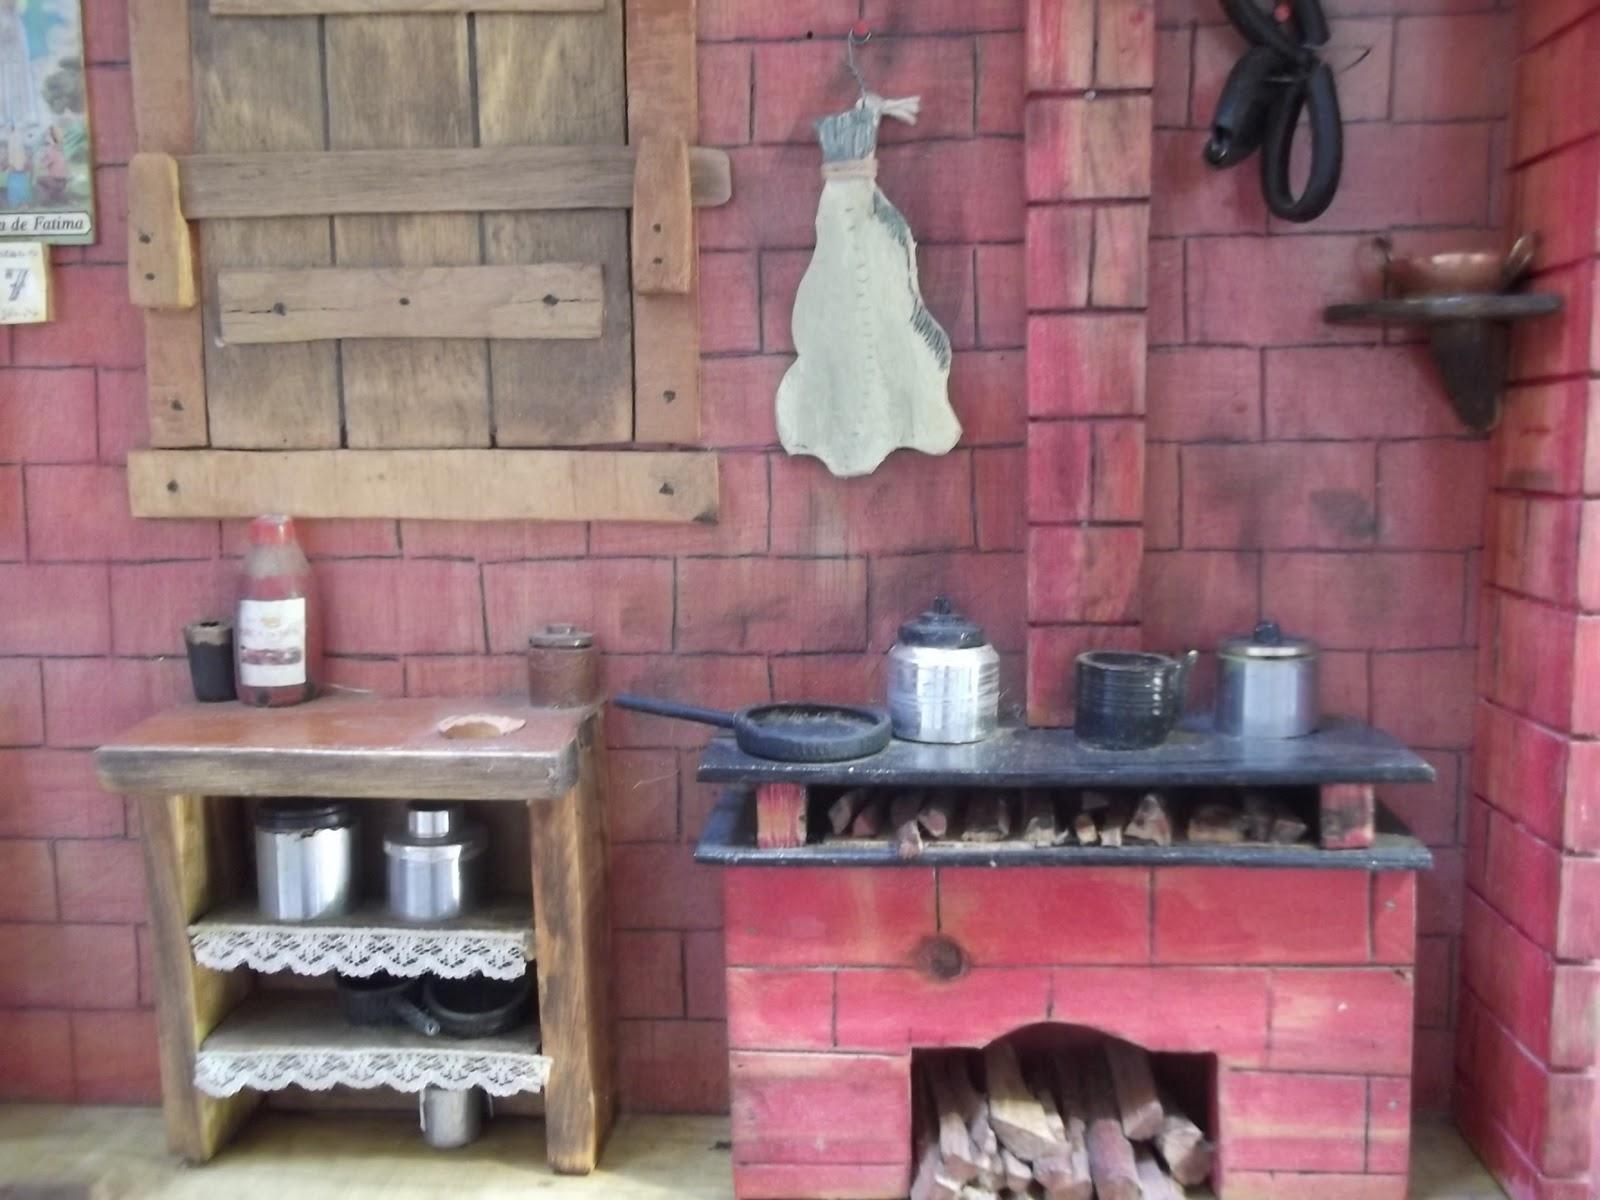 em madeira reciclada detalhes cozinha portuguesa miniatura em madeira #92394B 1600x1200